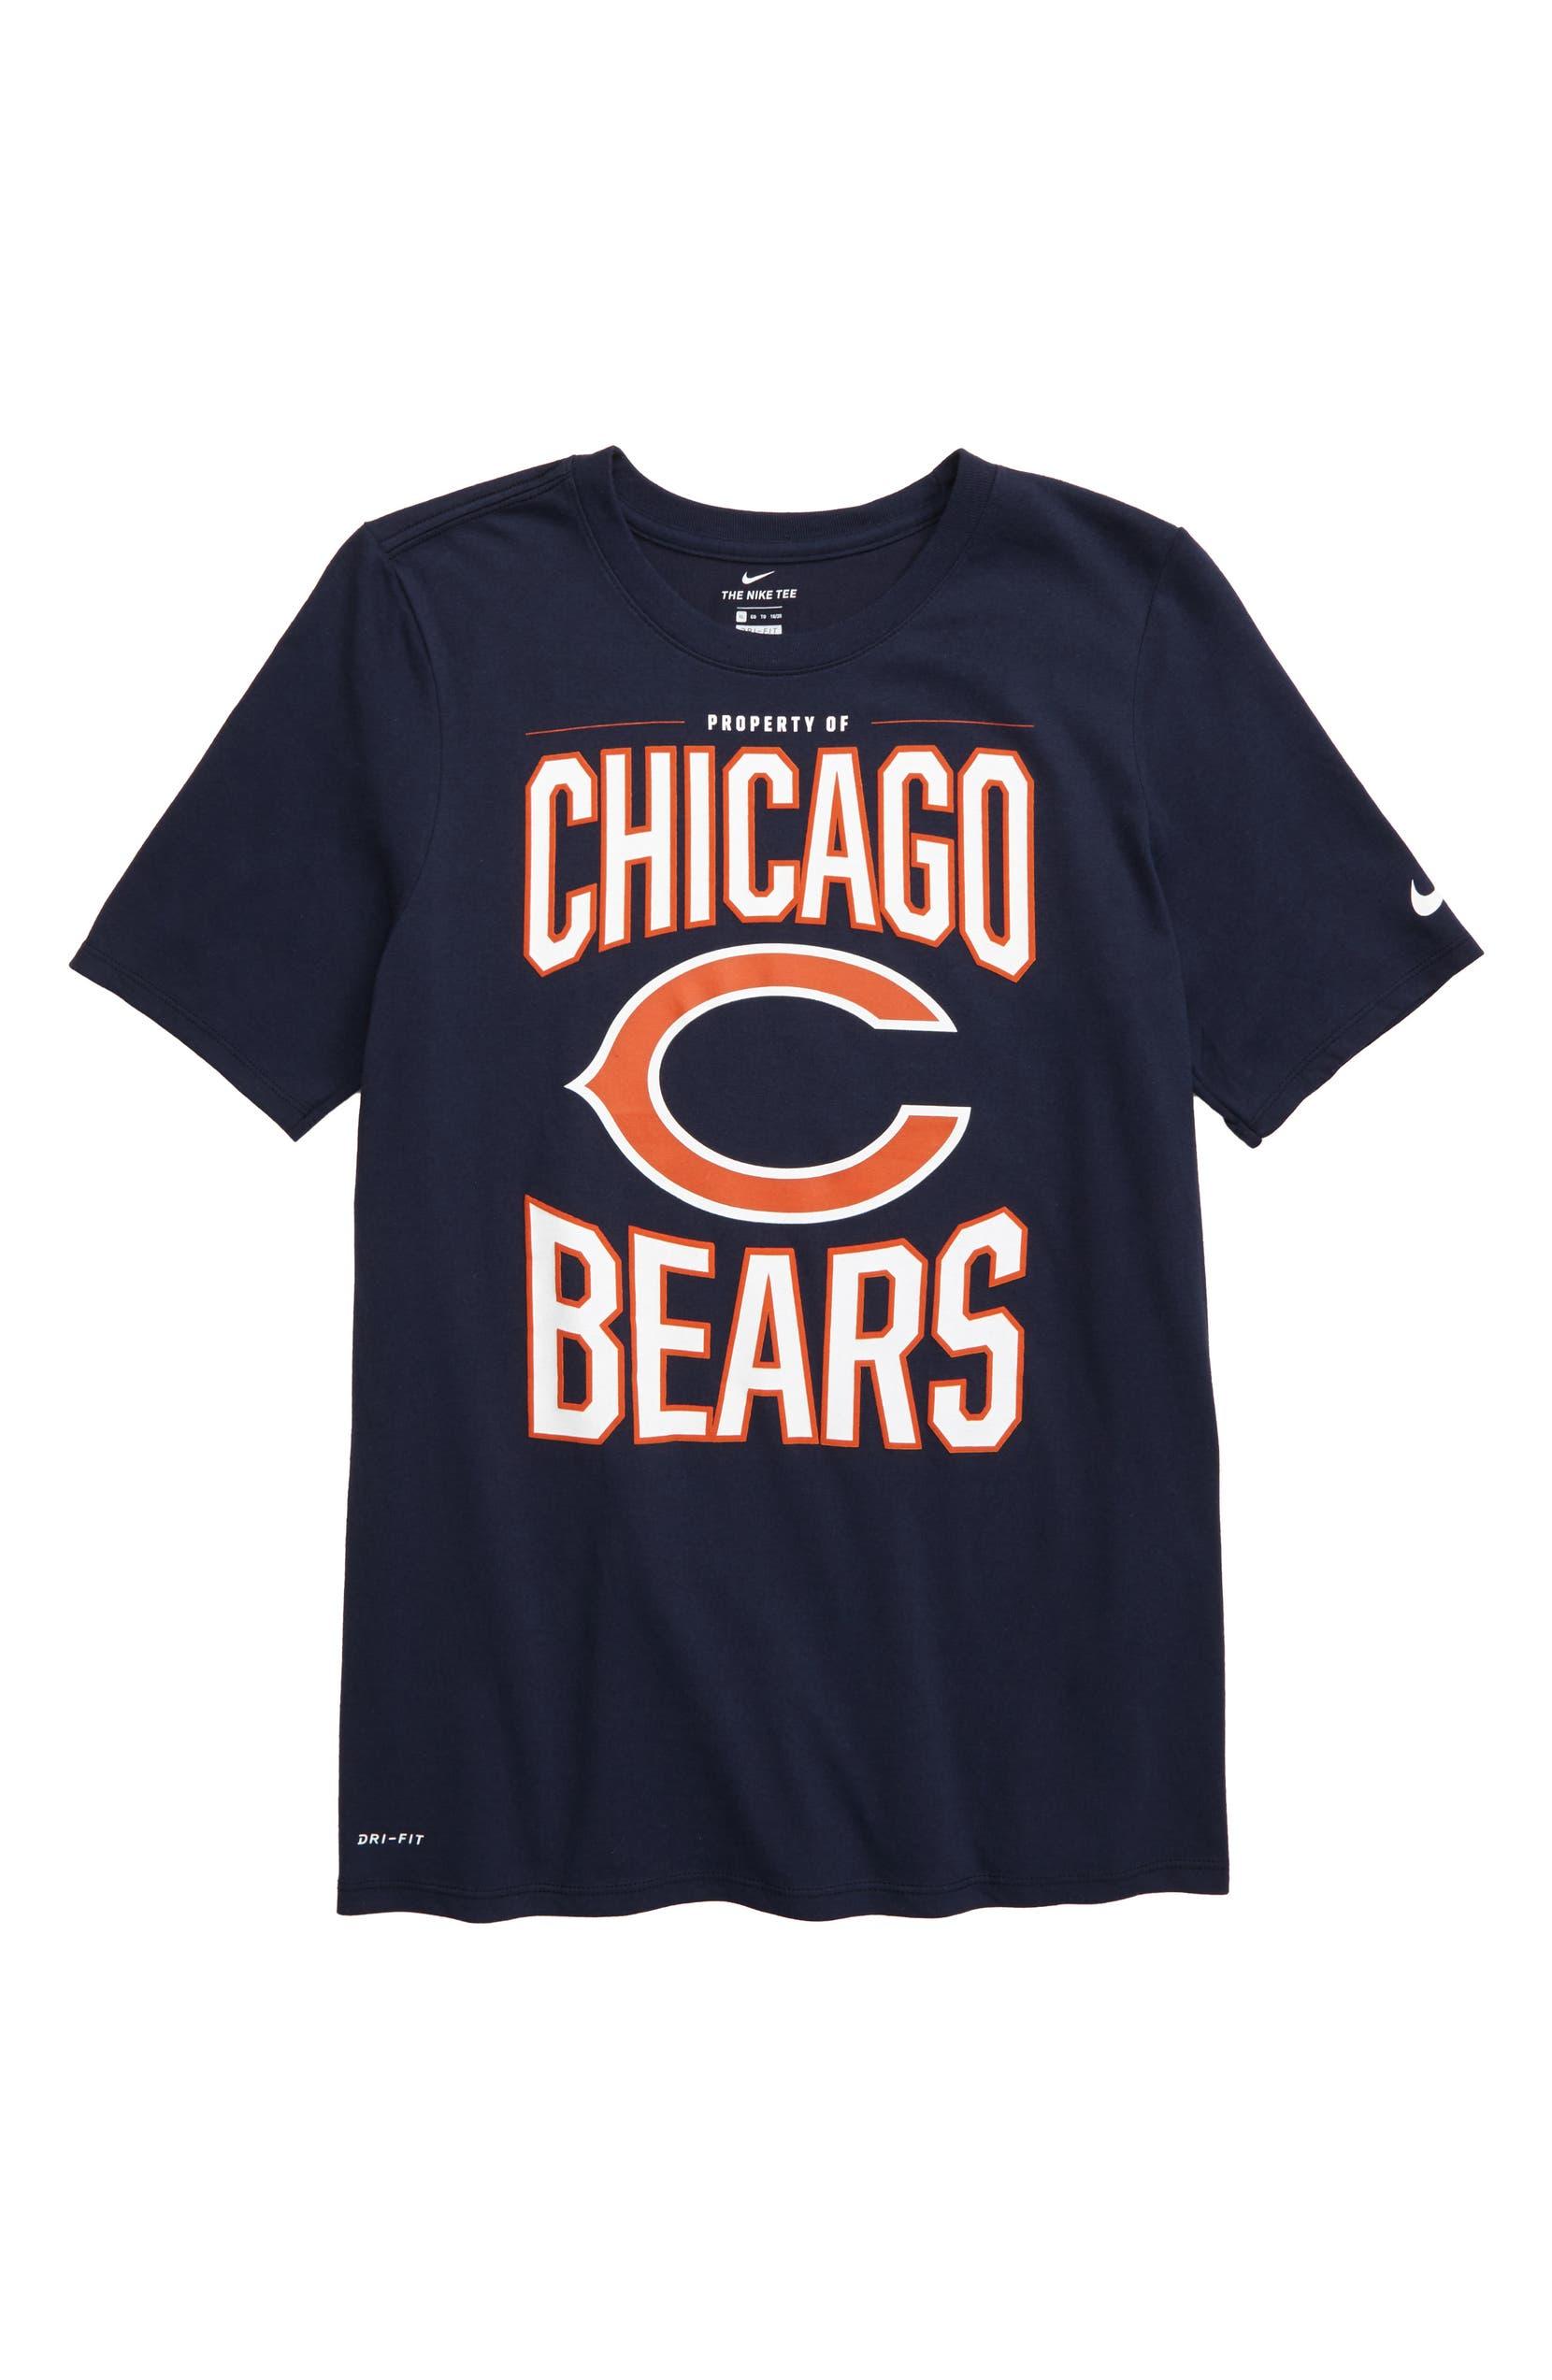 5fffab46 Nike NFL Logo Property of Chicago Bears Dri-FIT T-Shirt (Big Boys ...